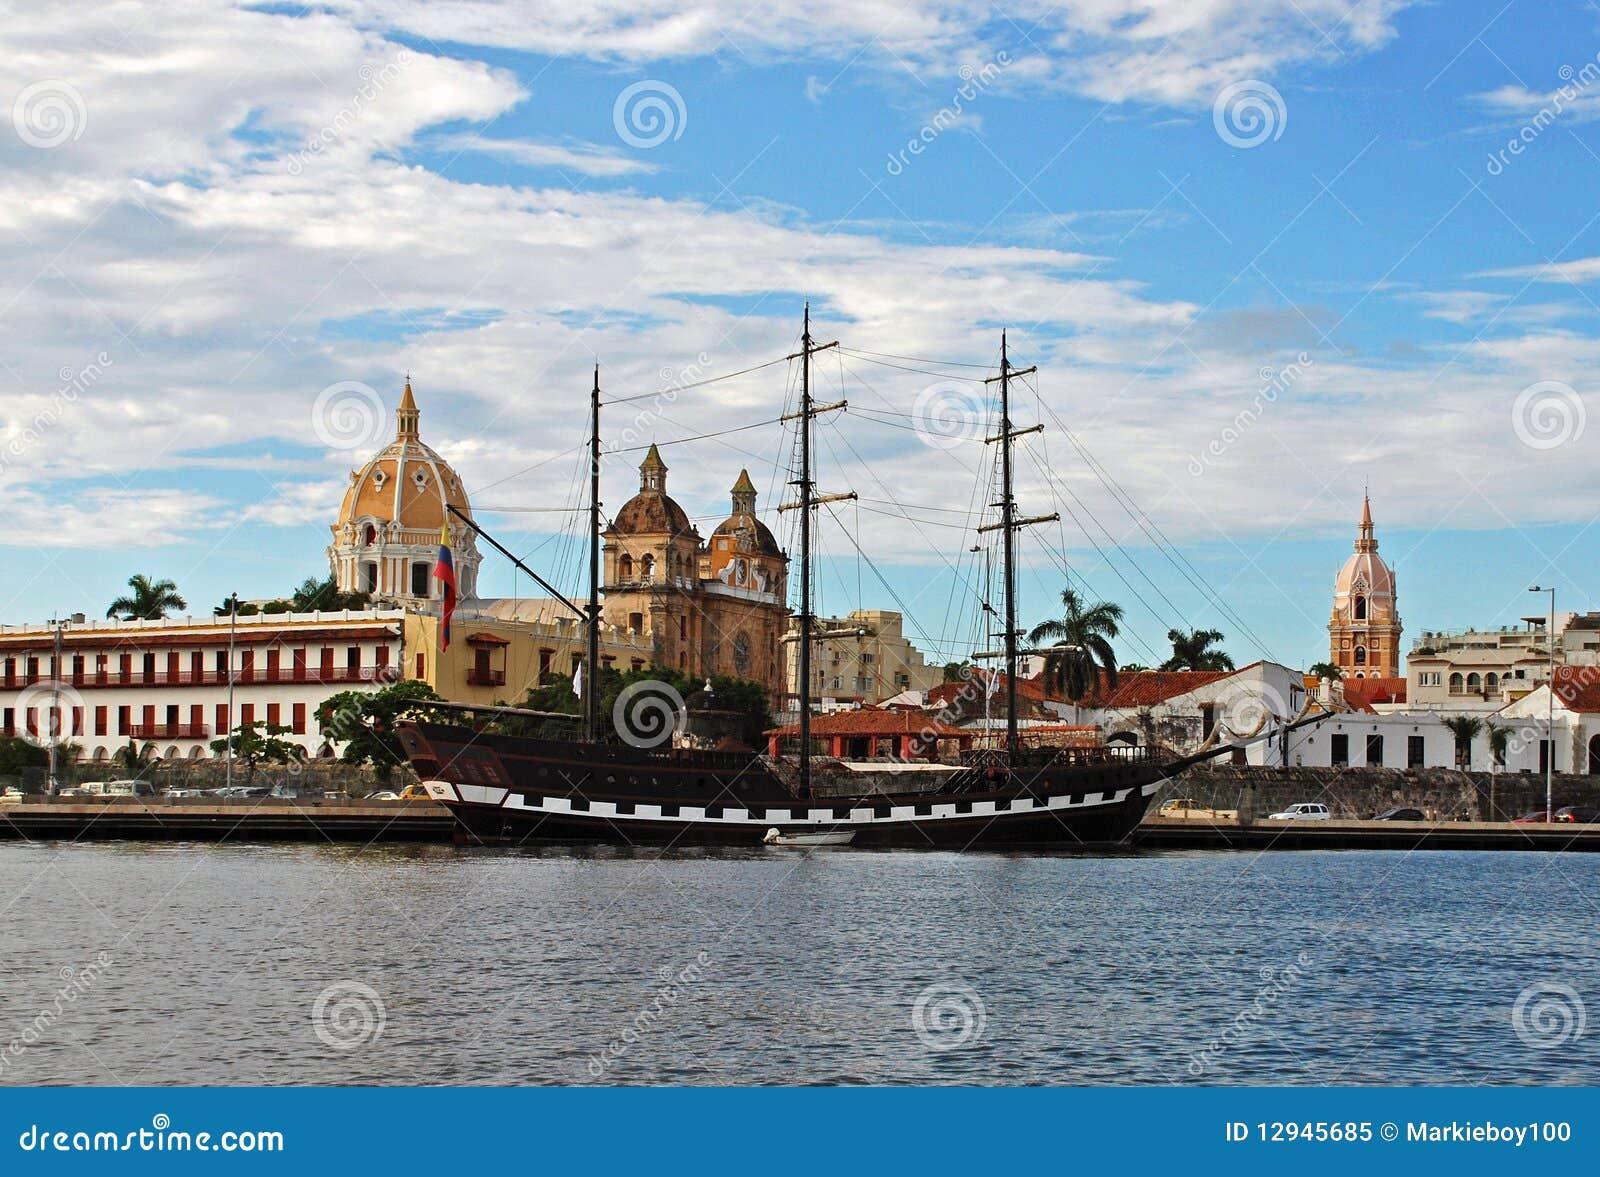 Cartagena DE Indias Docks, Colombia